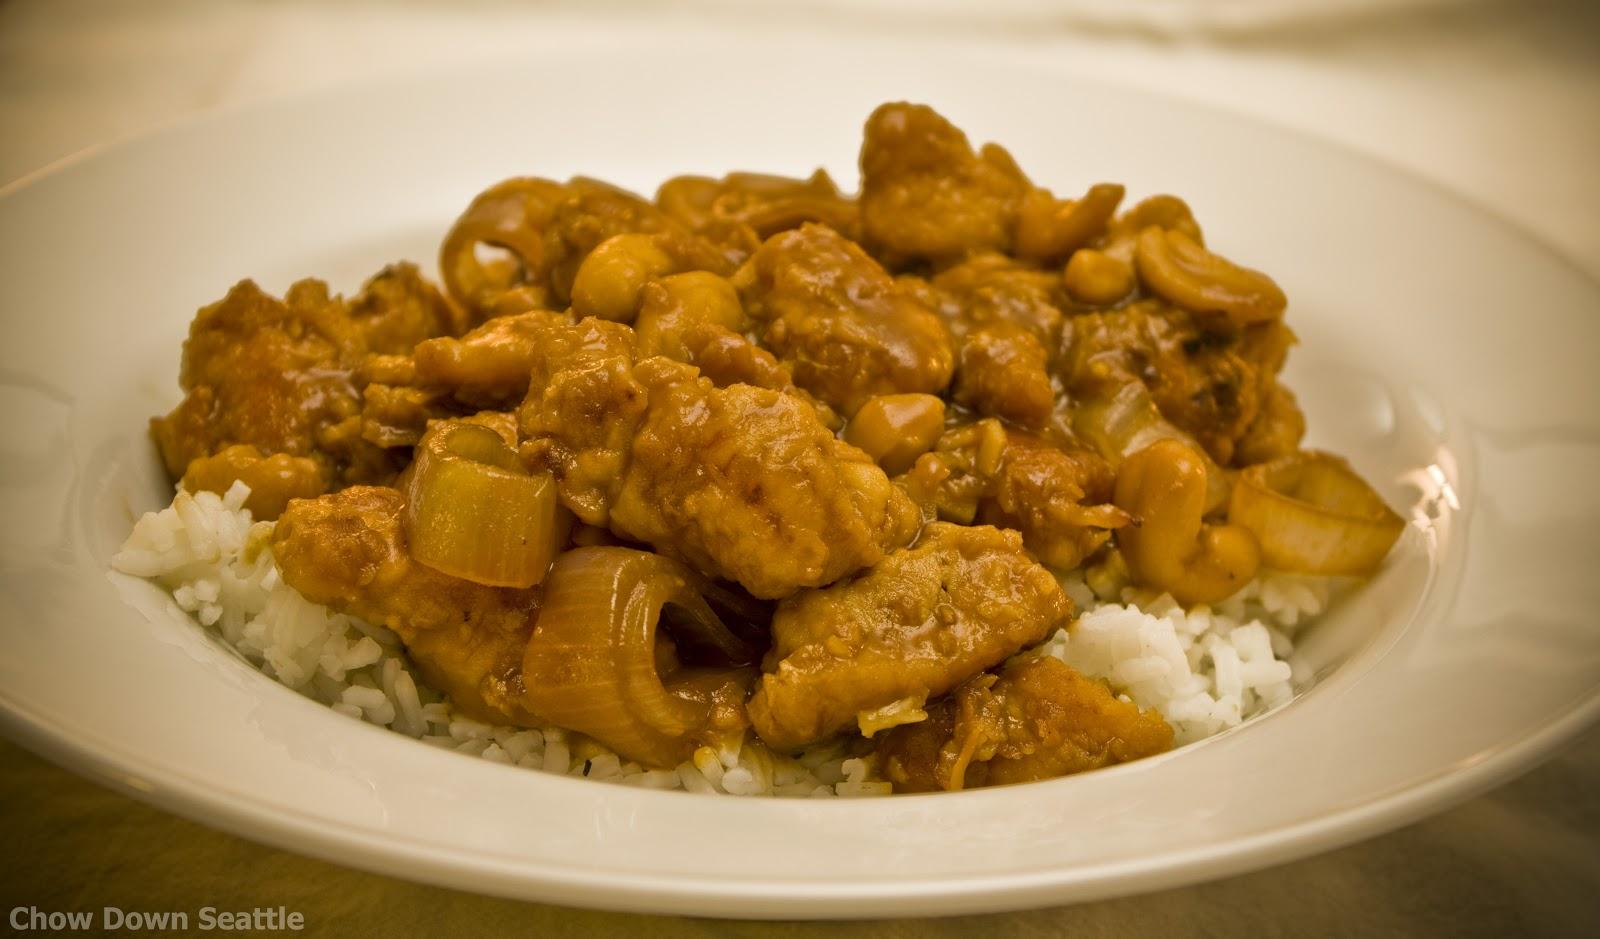 Chow Down Seattle: RECIPE: Ginger Orange Cashew Chicken